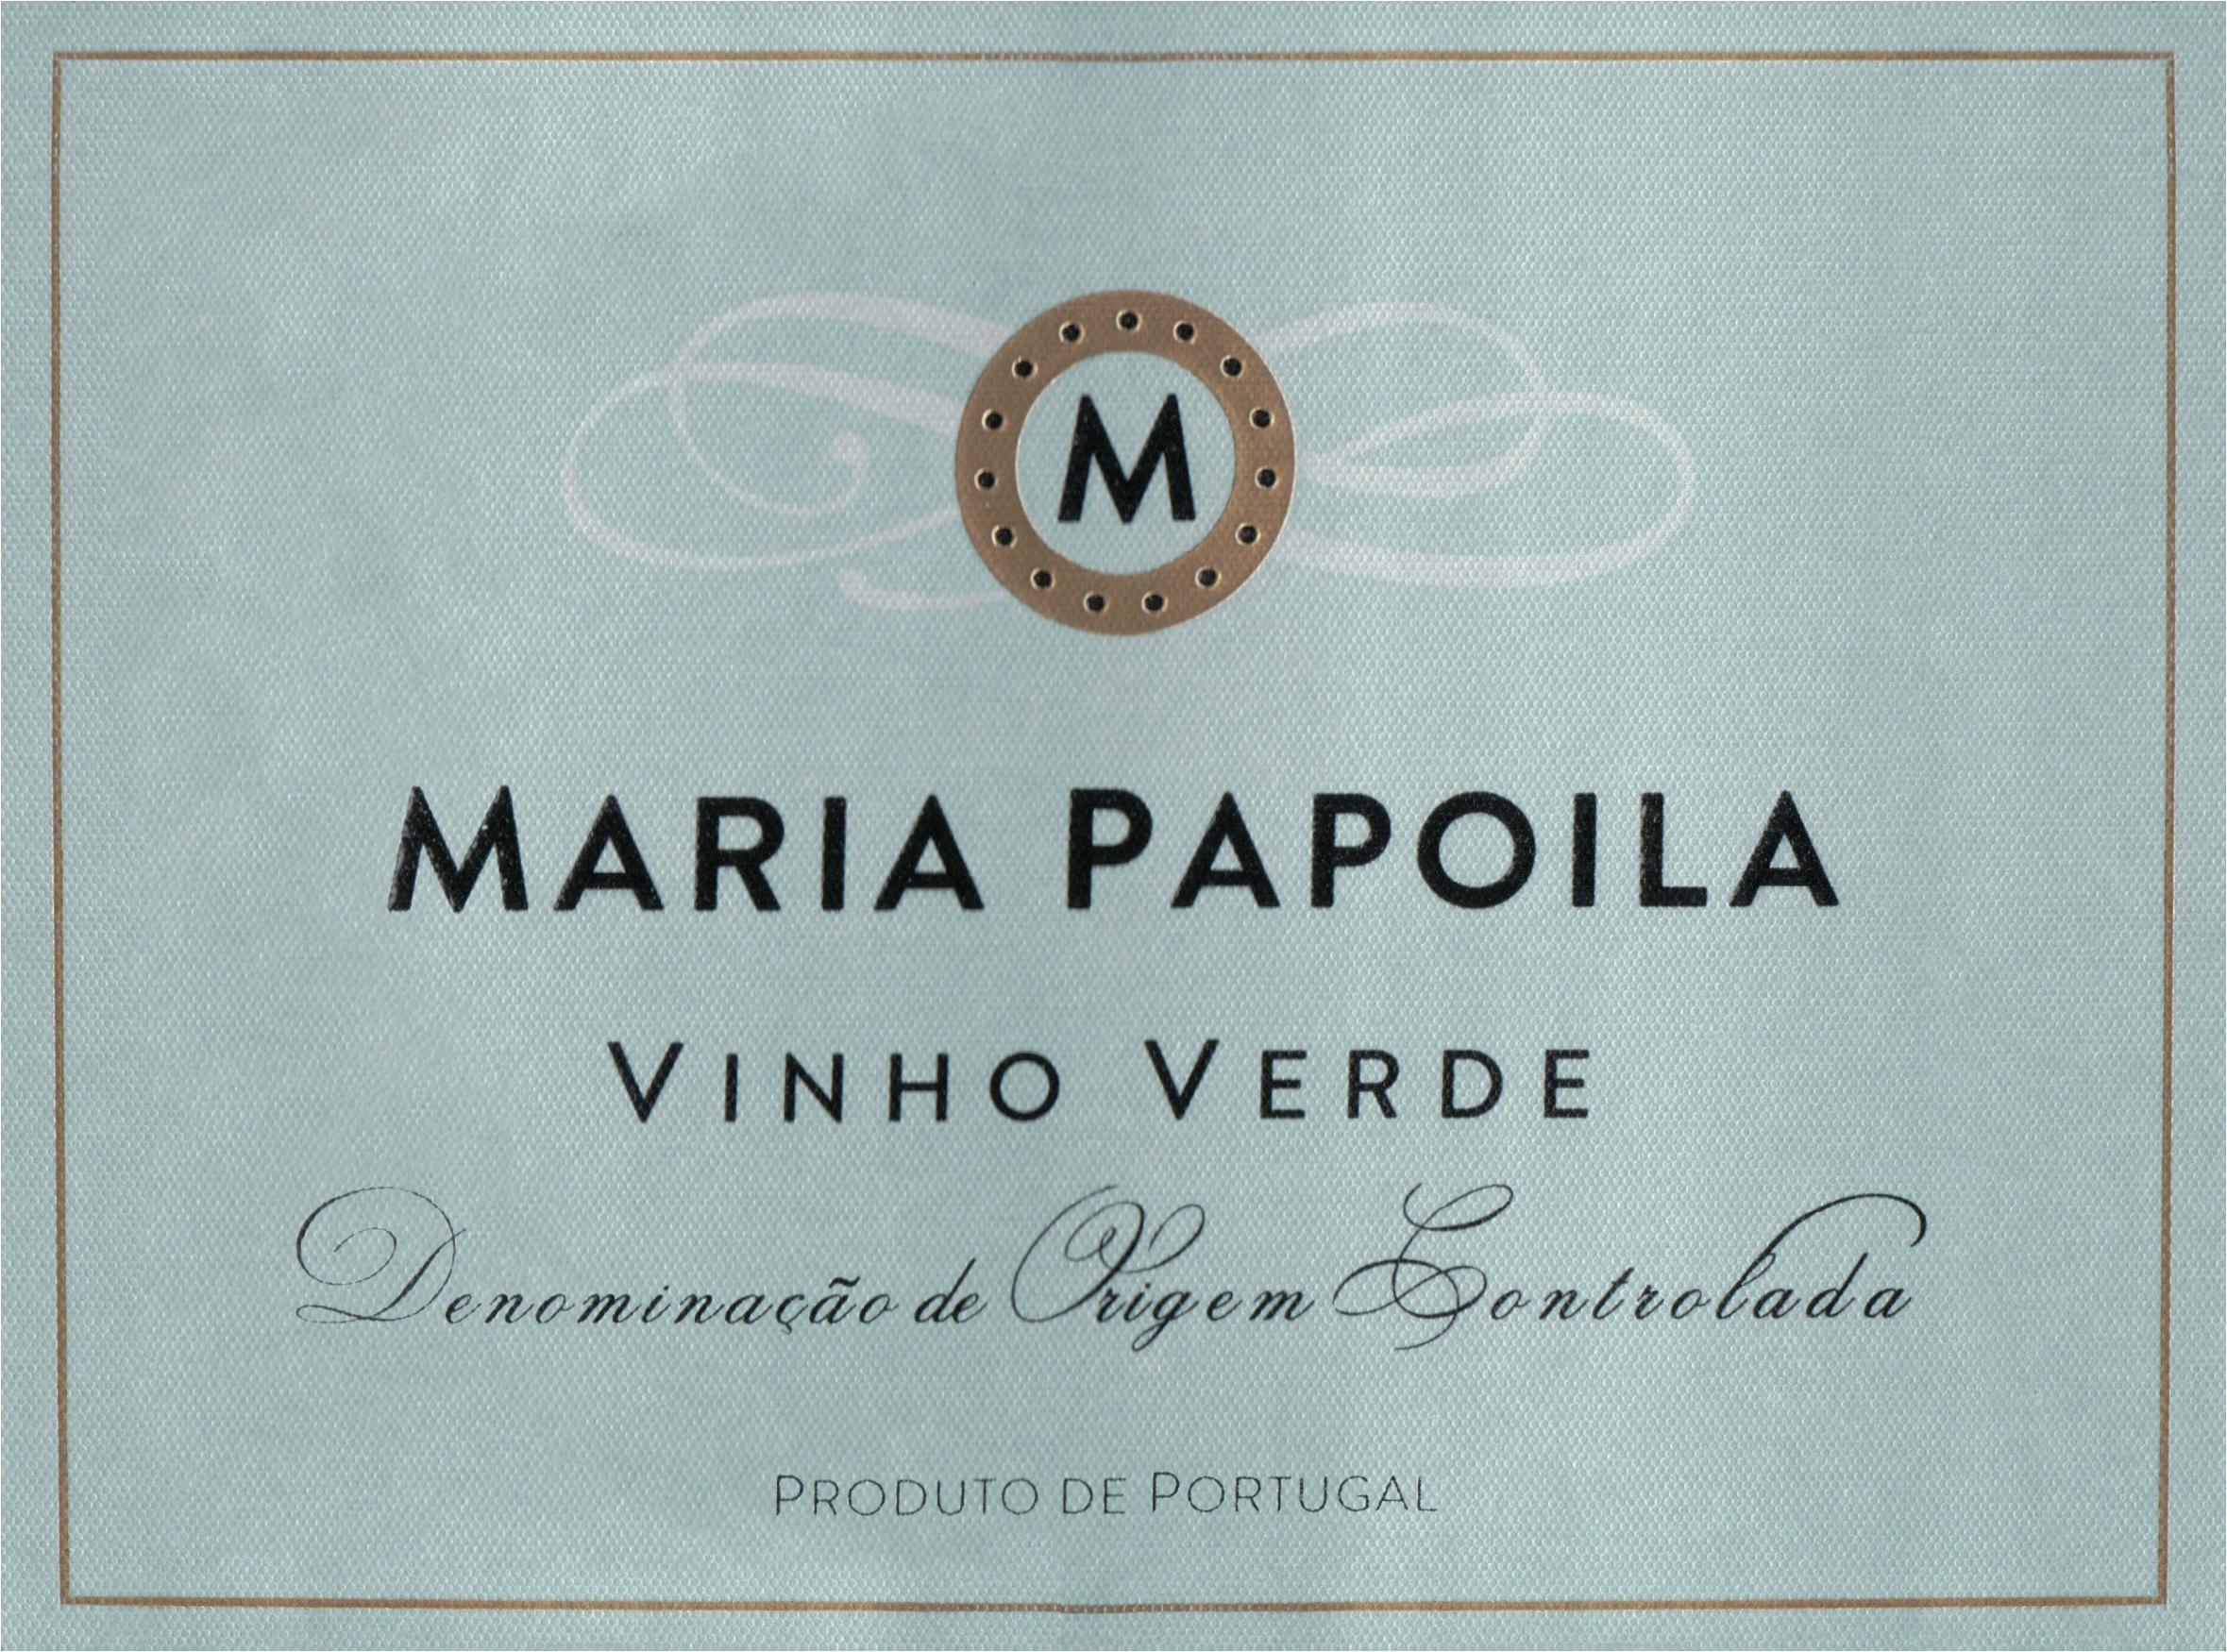 Maria Papoila Vinho Verde 2016